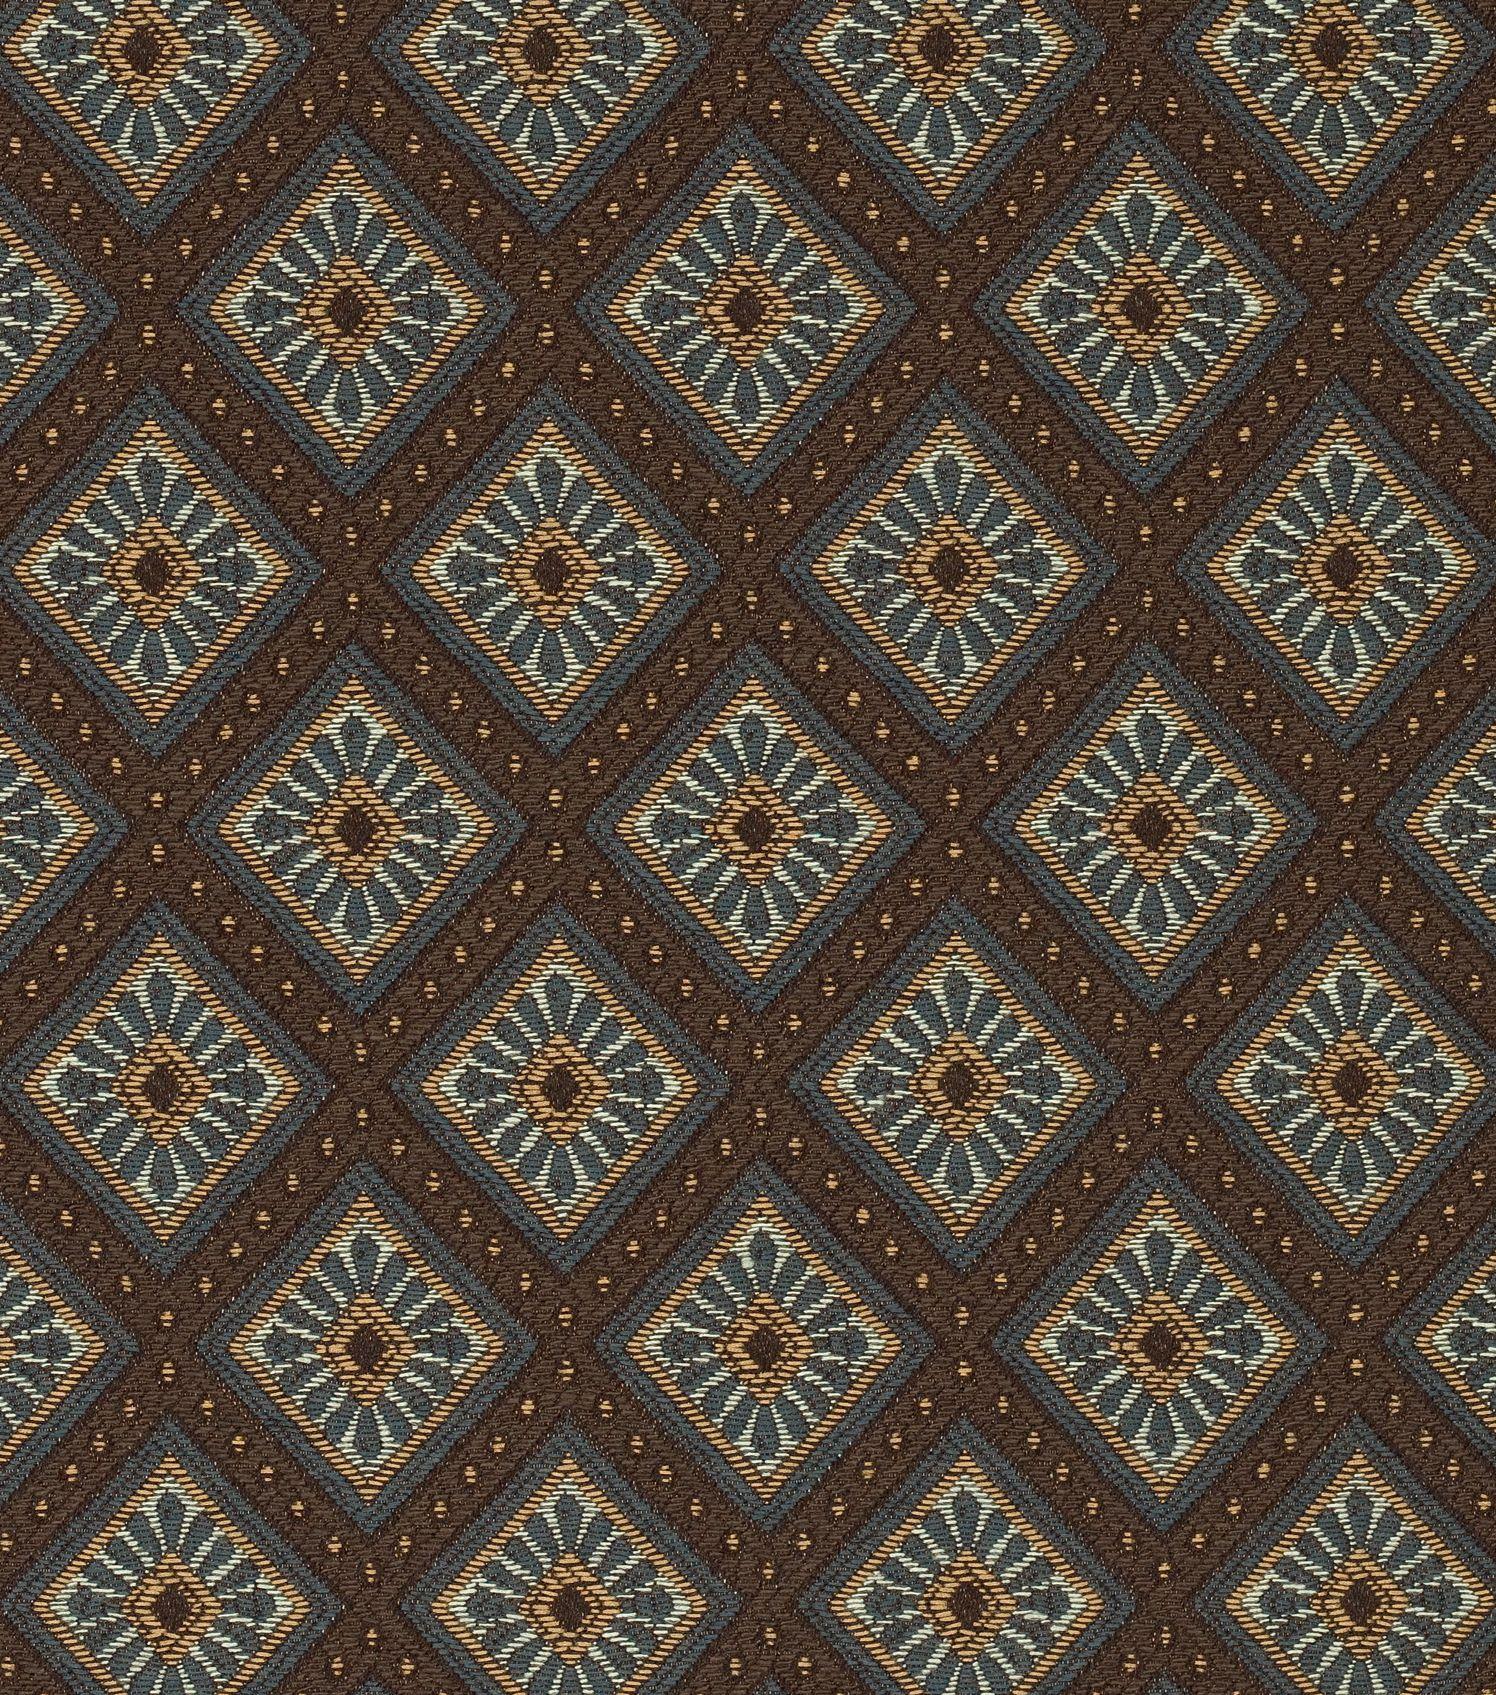 Home Decor Fabric Crypton Anchorage/90Home Decor Fabric Crypton Anchorage/